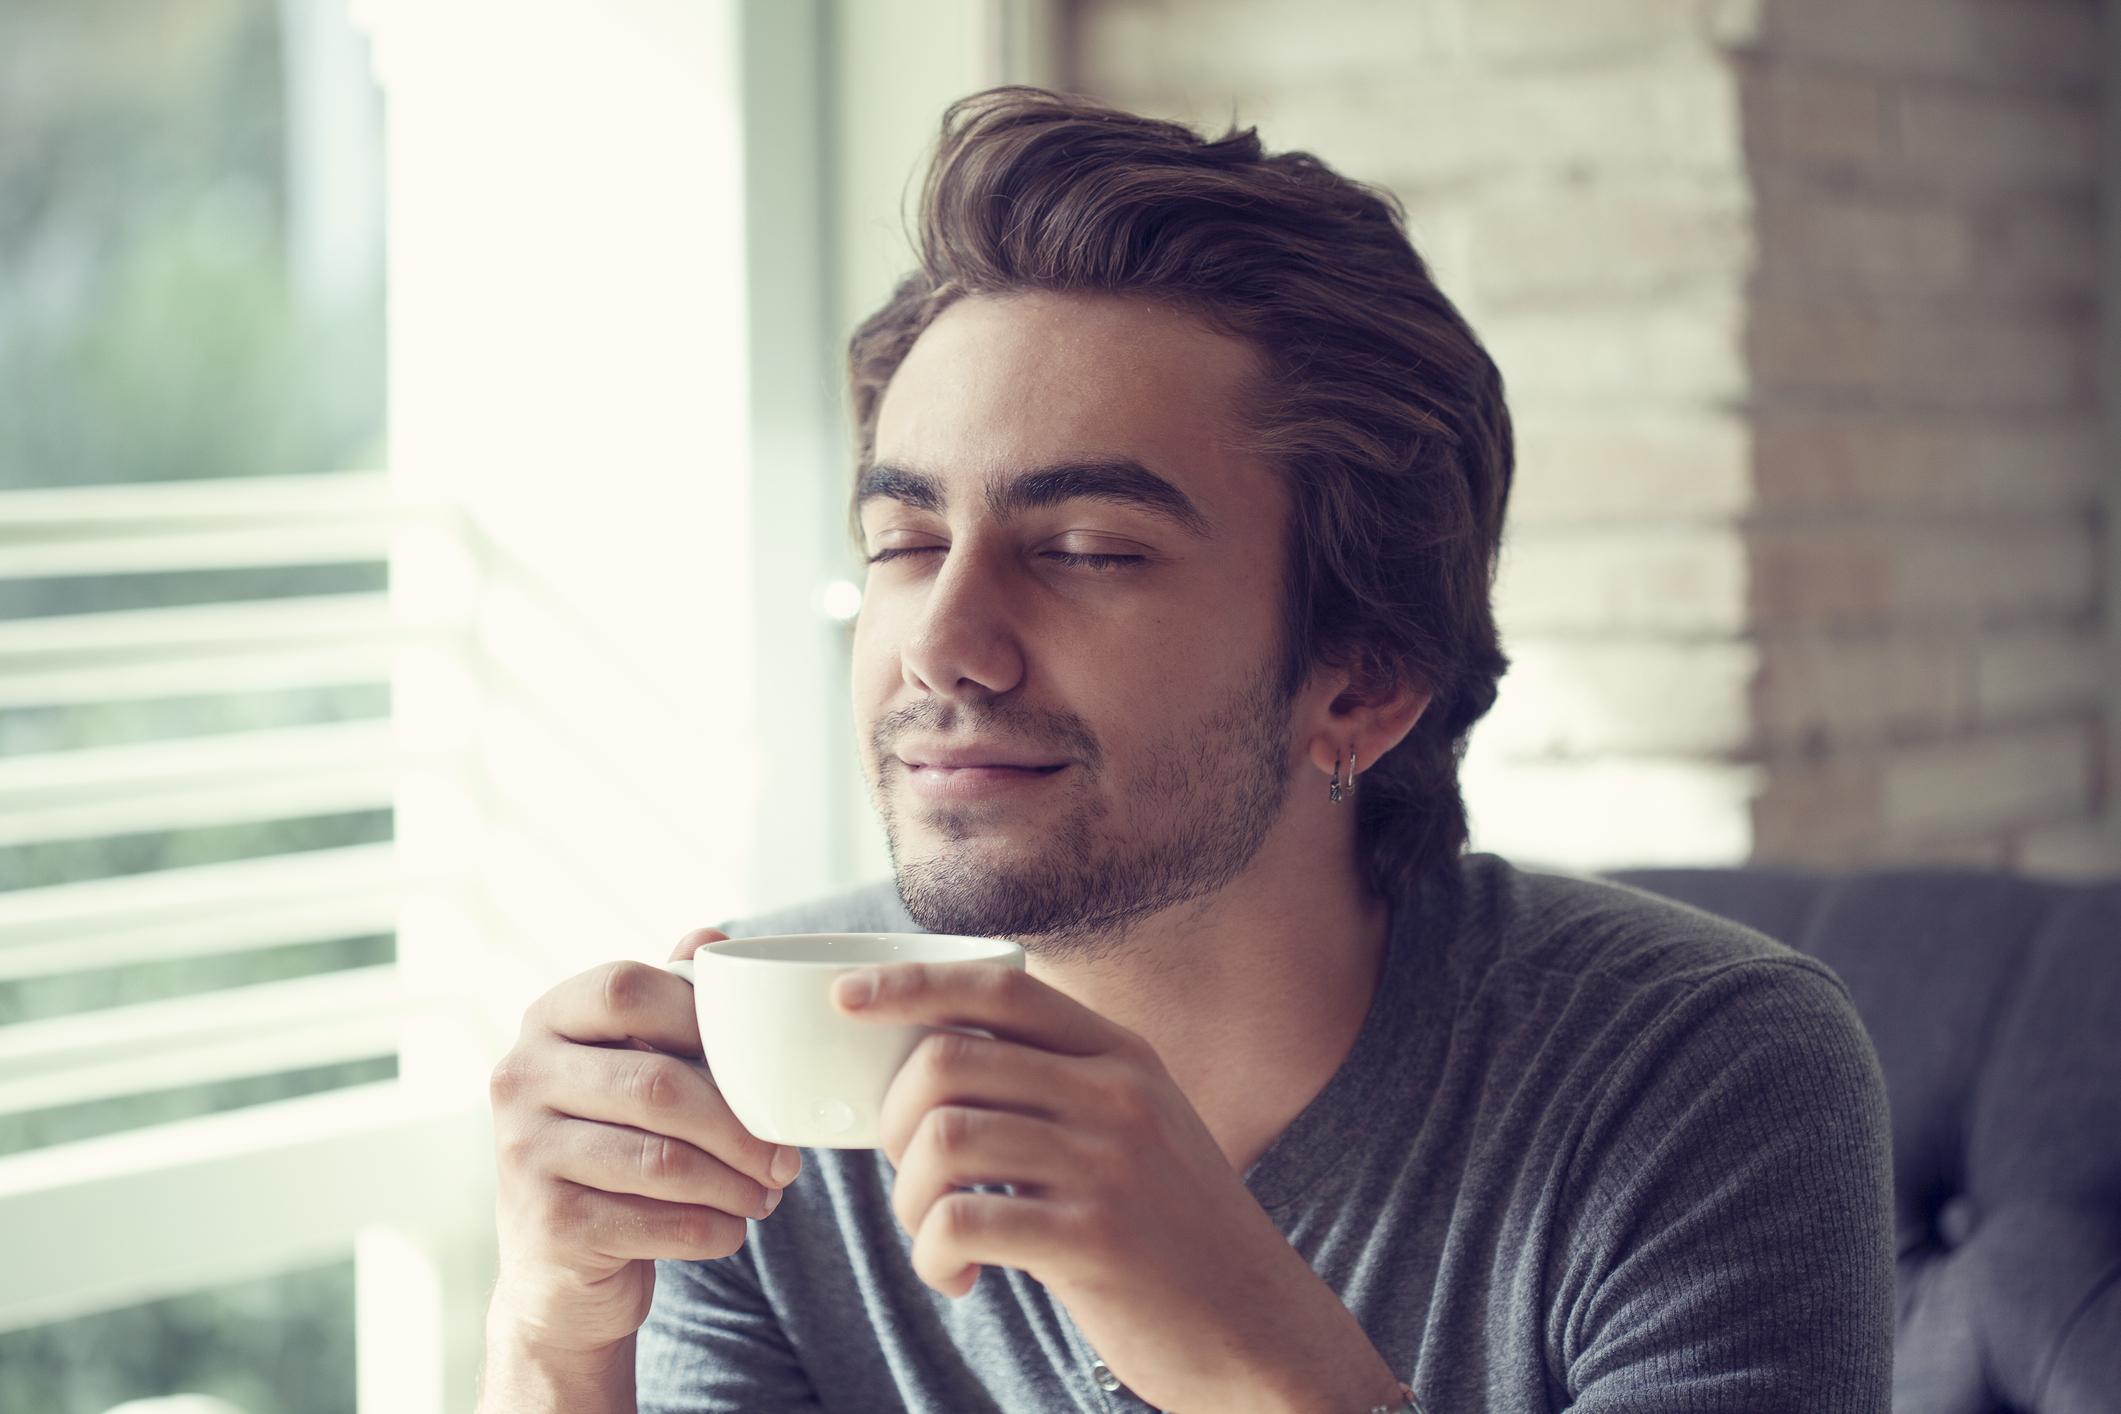 Картинки человека пьющего кофе